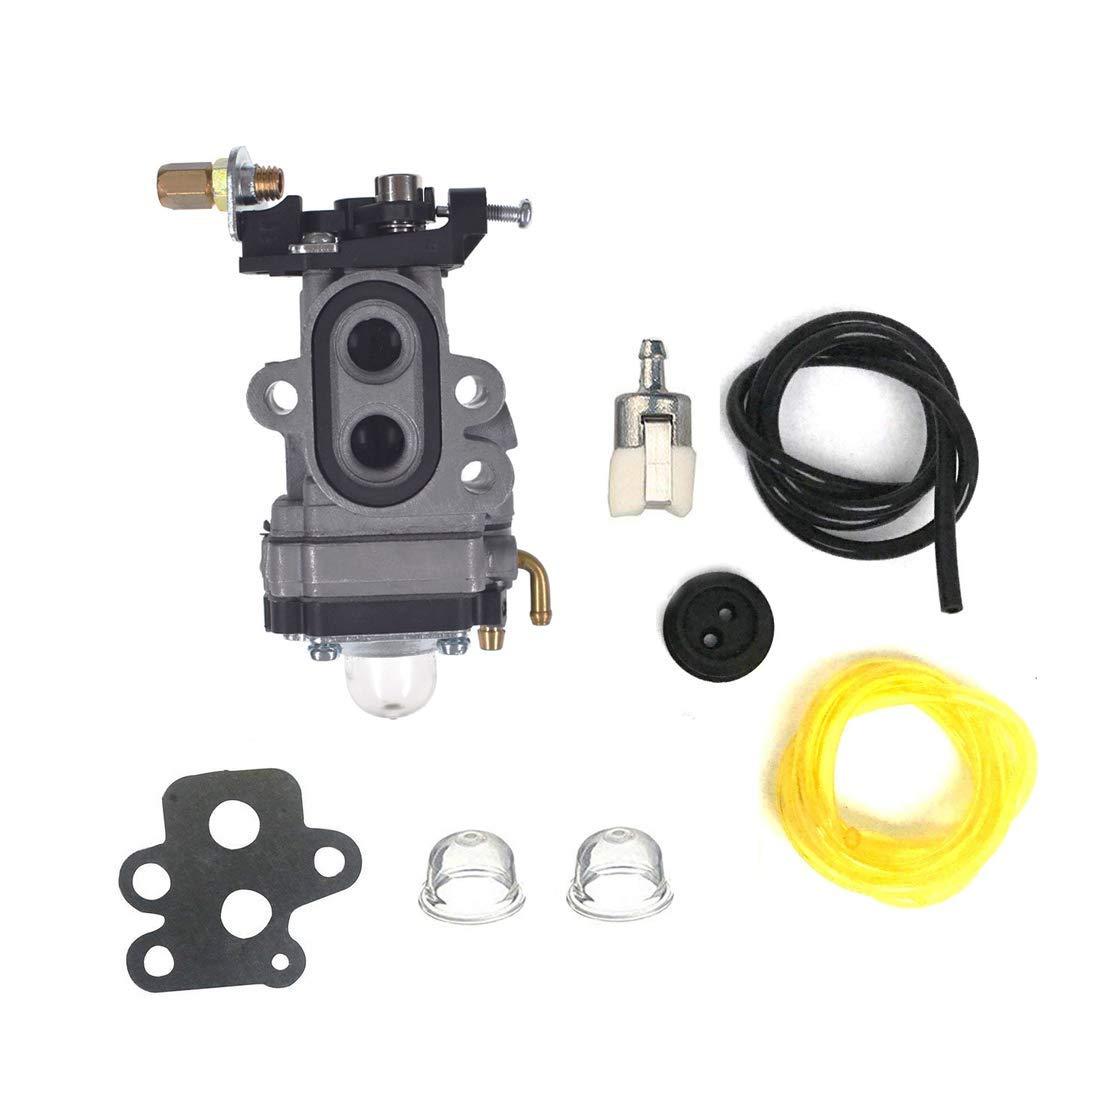 HQParts (2-5 Days) Carburetor Carb & Fuel line for Redmax 511354201 CHTZ2401 HTZ2401 CHTZ2460 HTZ2460 Carb WYA-1-1